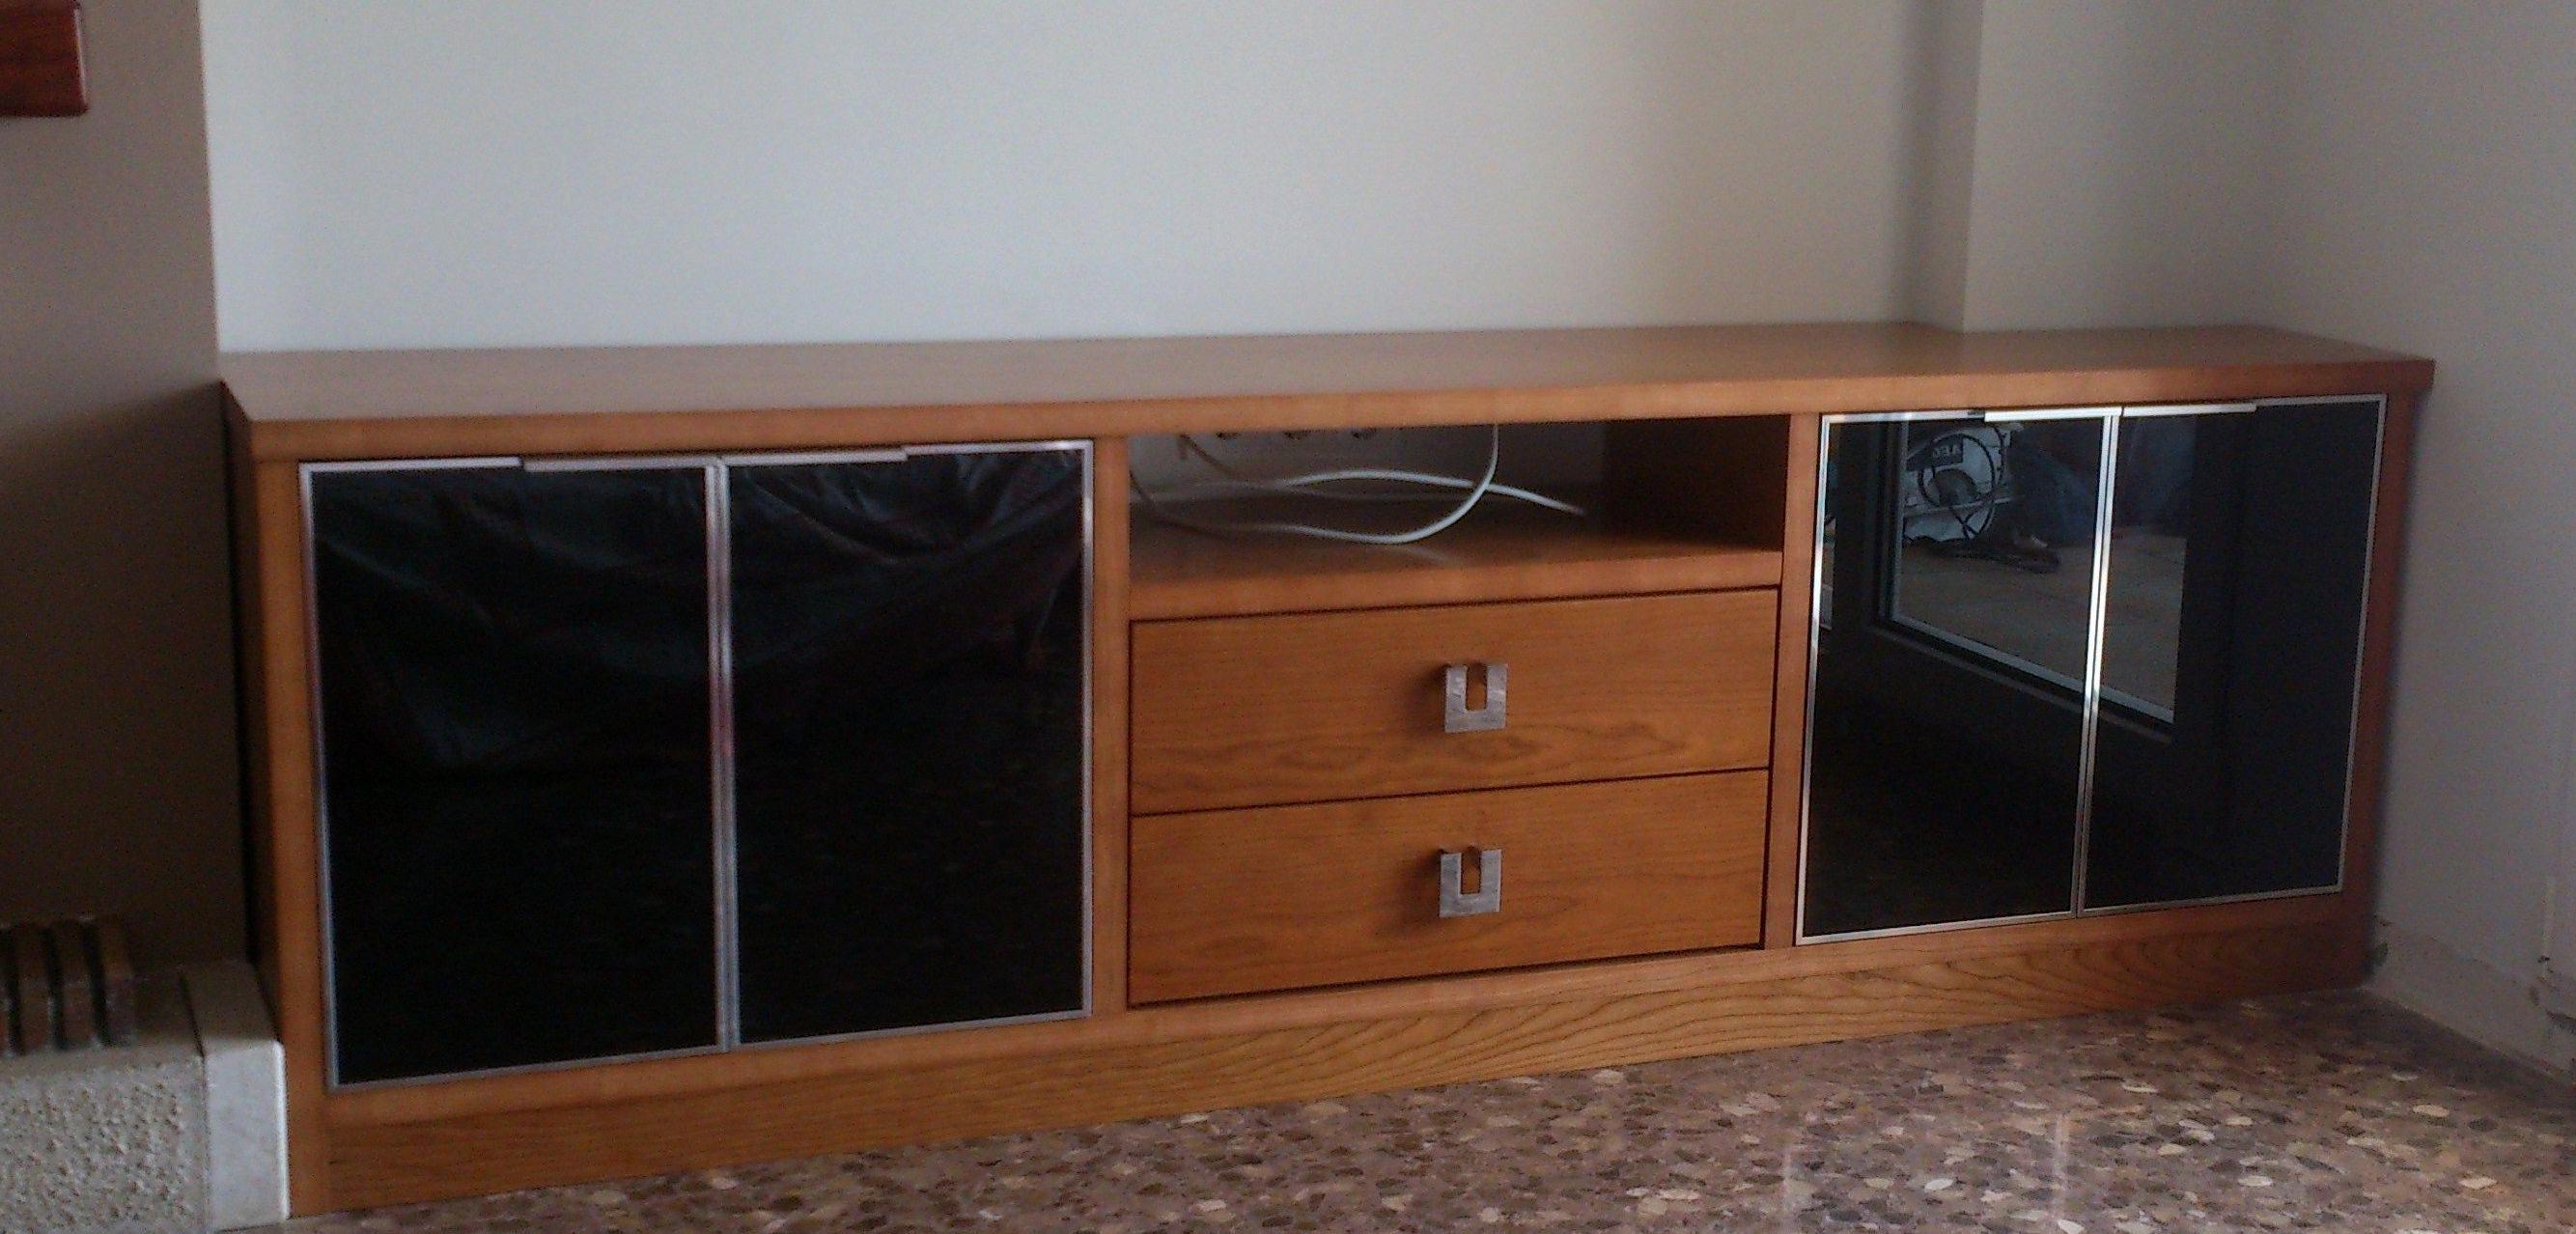 Mueble bajo en Chapa de Cerezo Natural con puertas de cristal Lacobel Negro